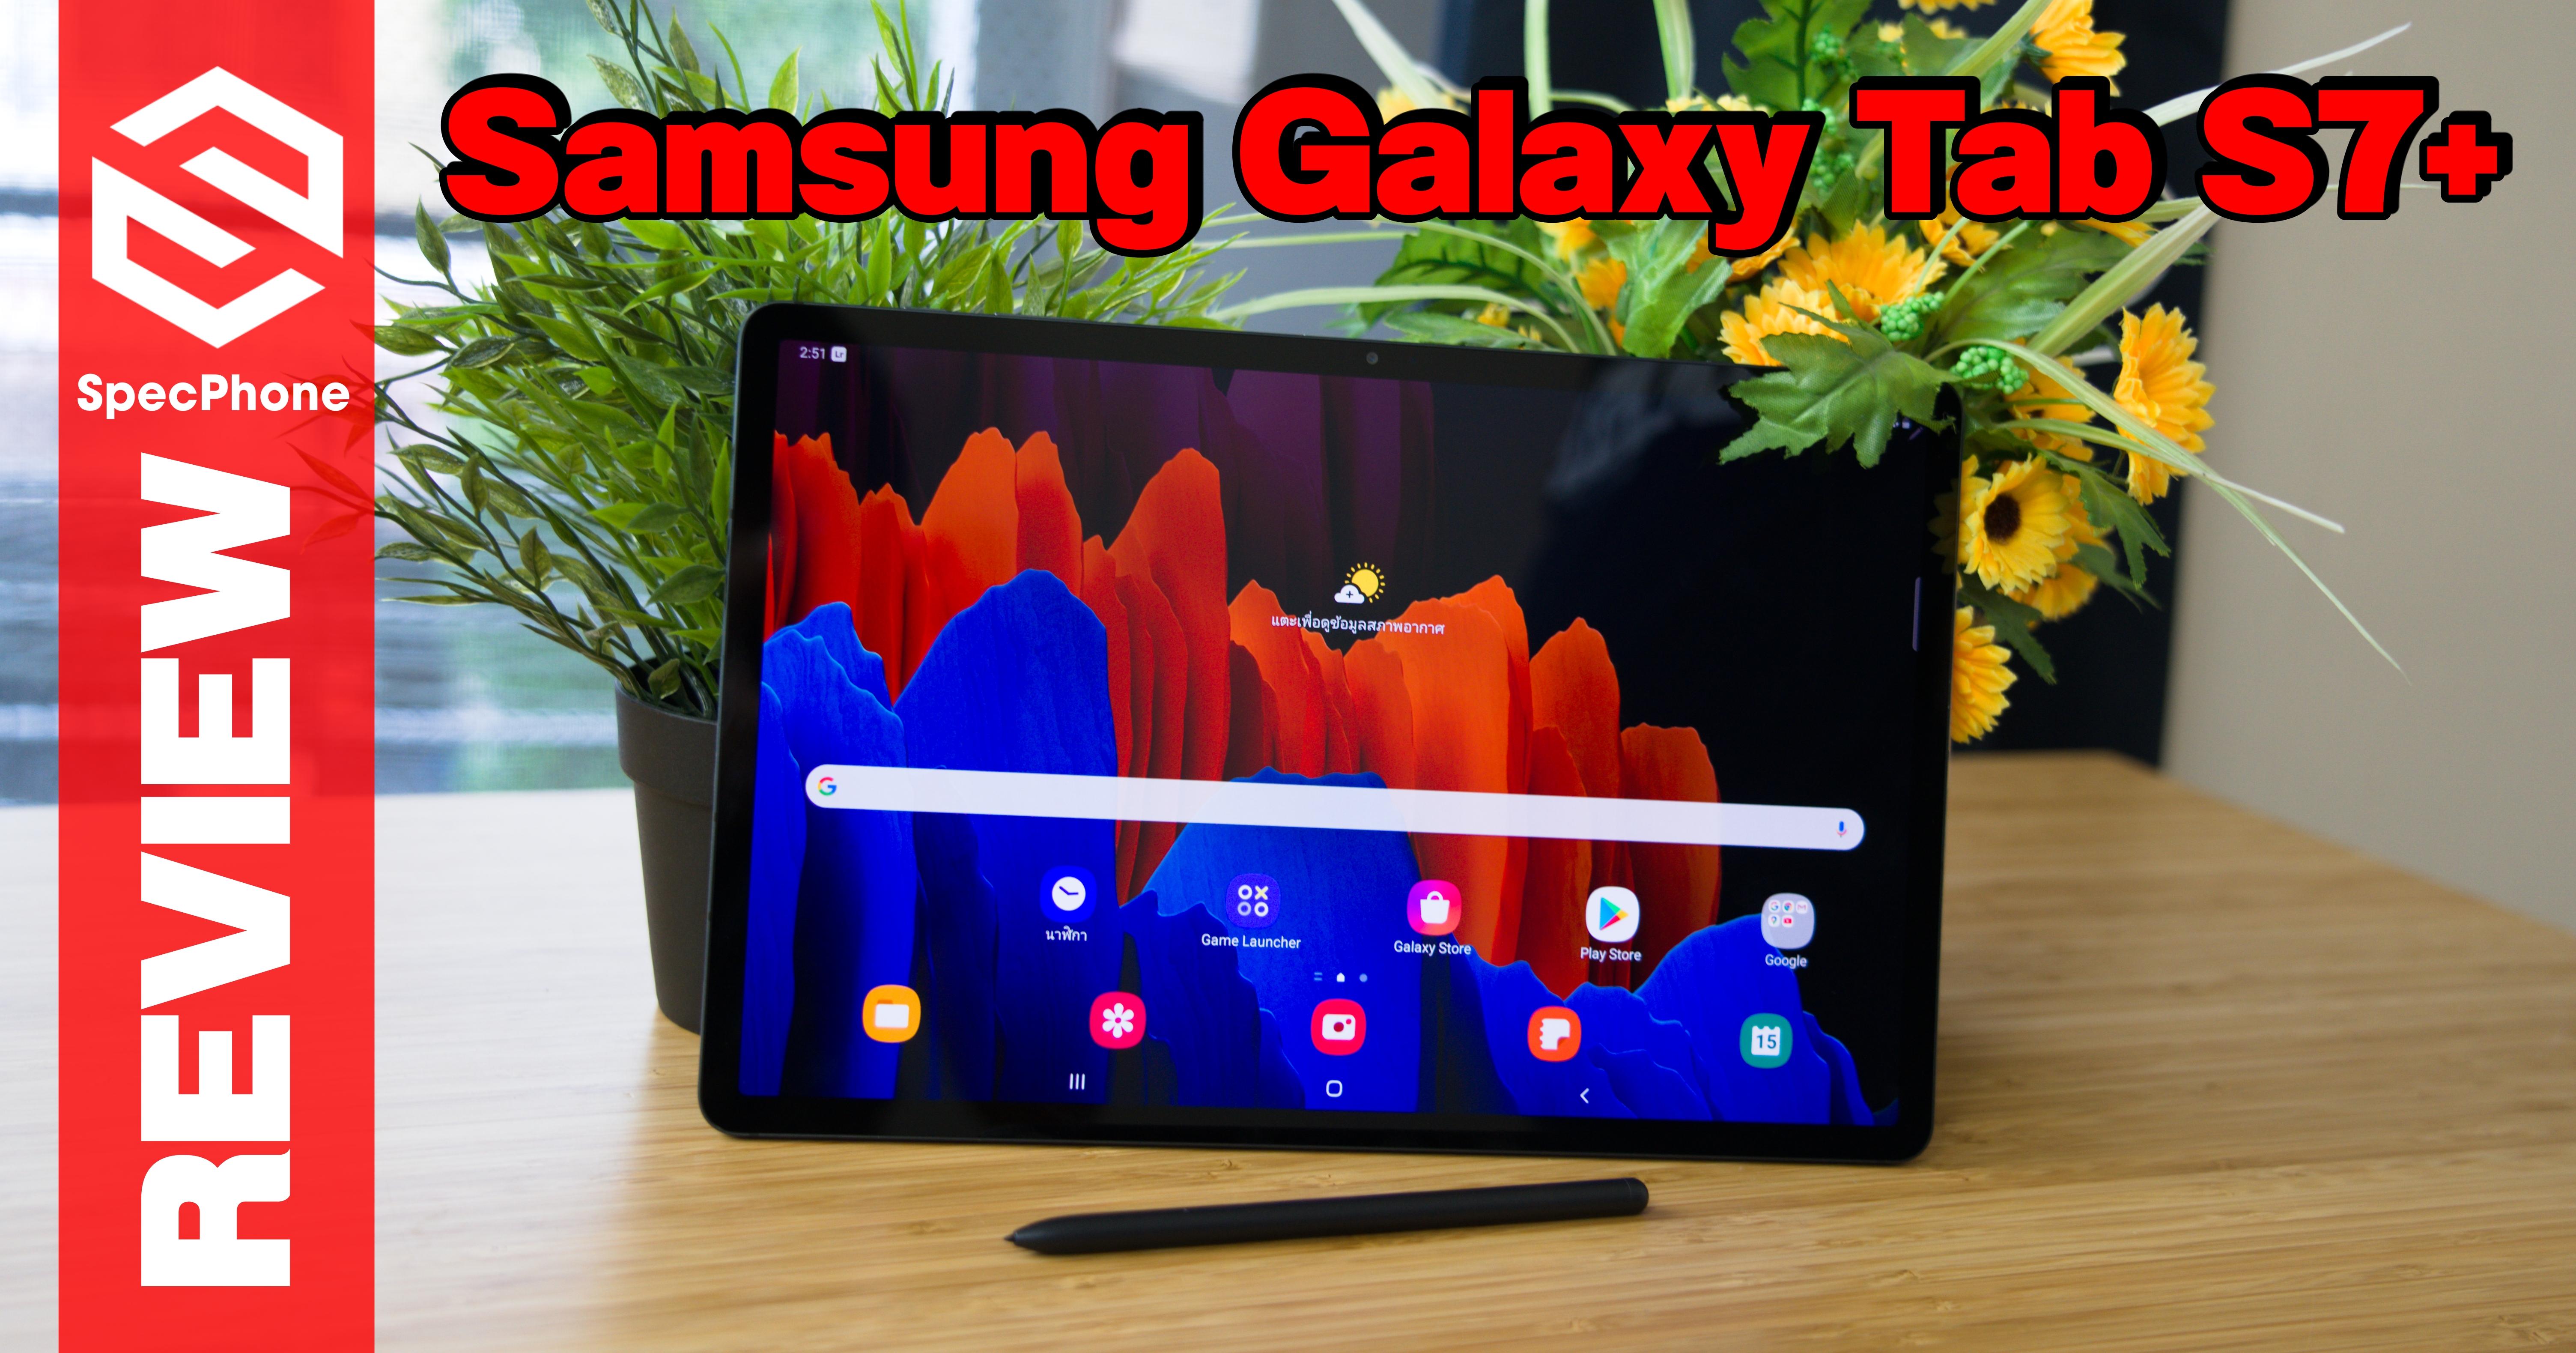 รีวิว Samsung Galaxy Tab S7+ ที่สุดของแท็บเล็ตเรือธง Android ที่มาพร้อมหน้าจอ 120Hz Snap 865+ และแบตเตอรี่ 10,090 mAh